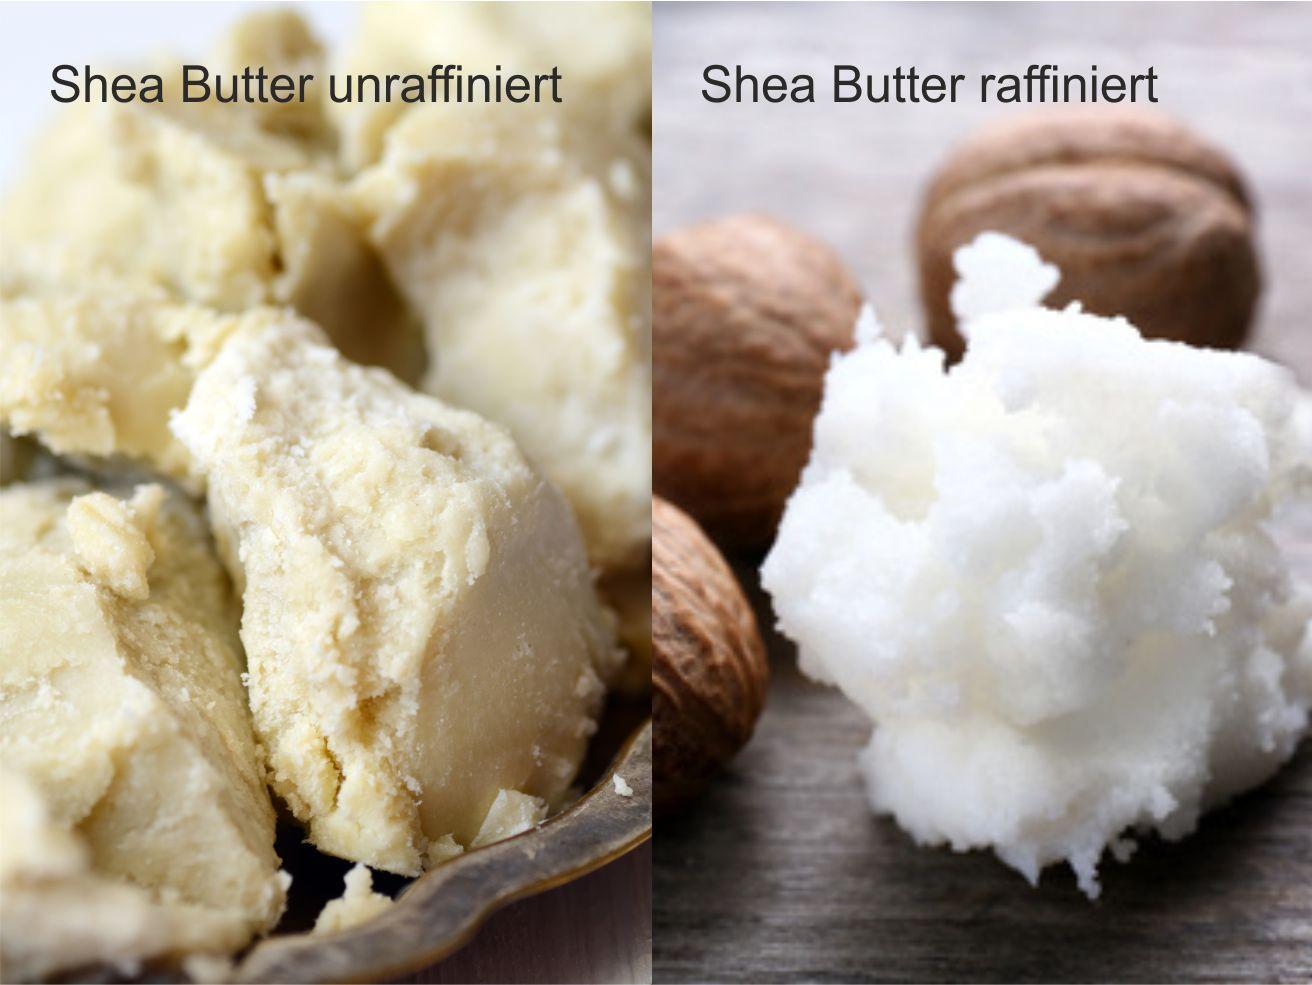 Sheabutter raffiniert vs. unraffiniert